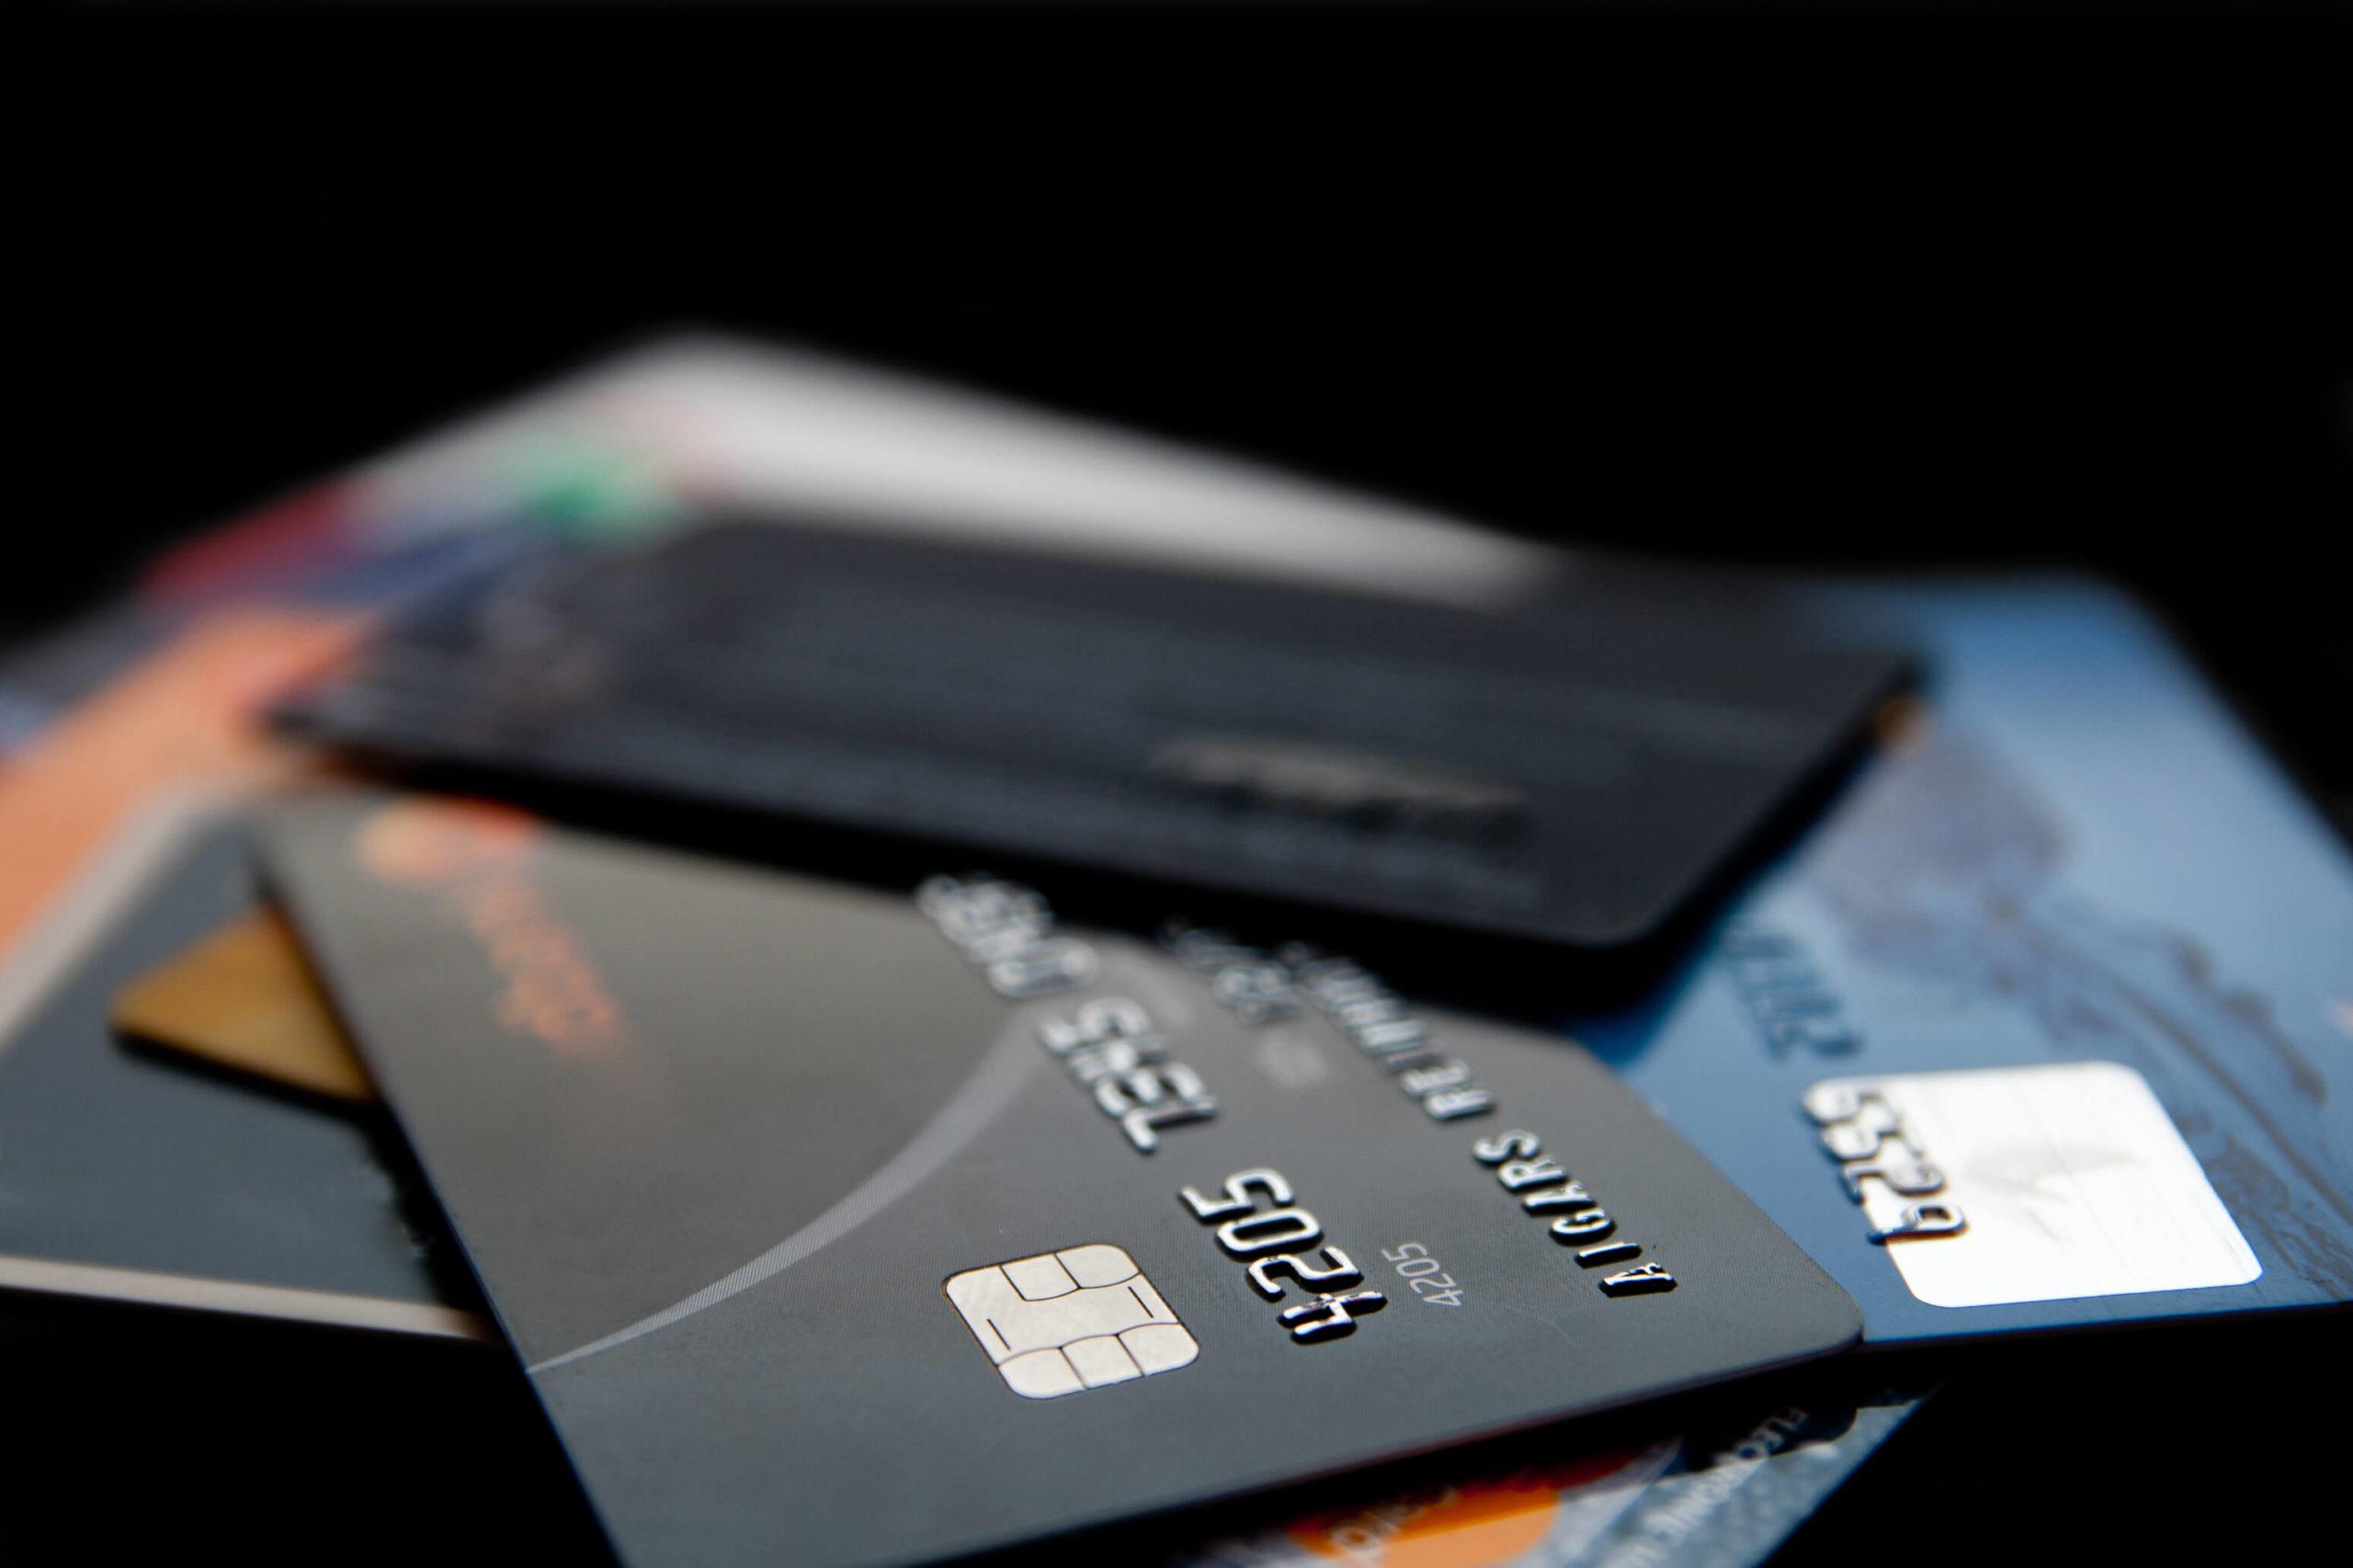 Bästa kreditkorten